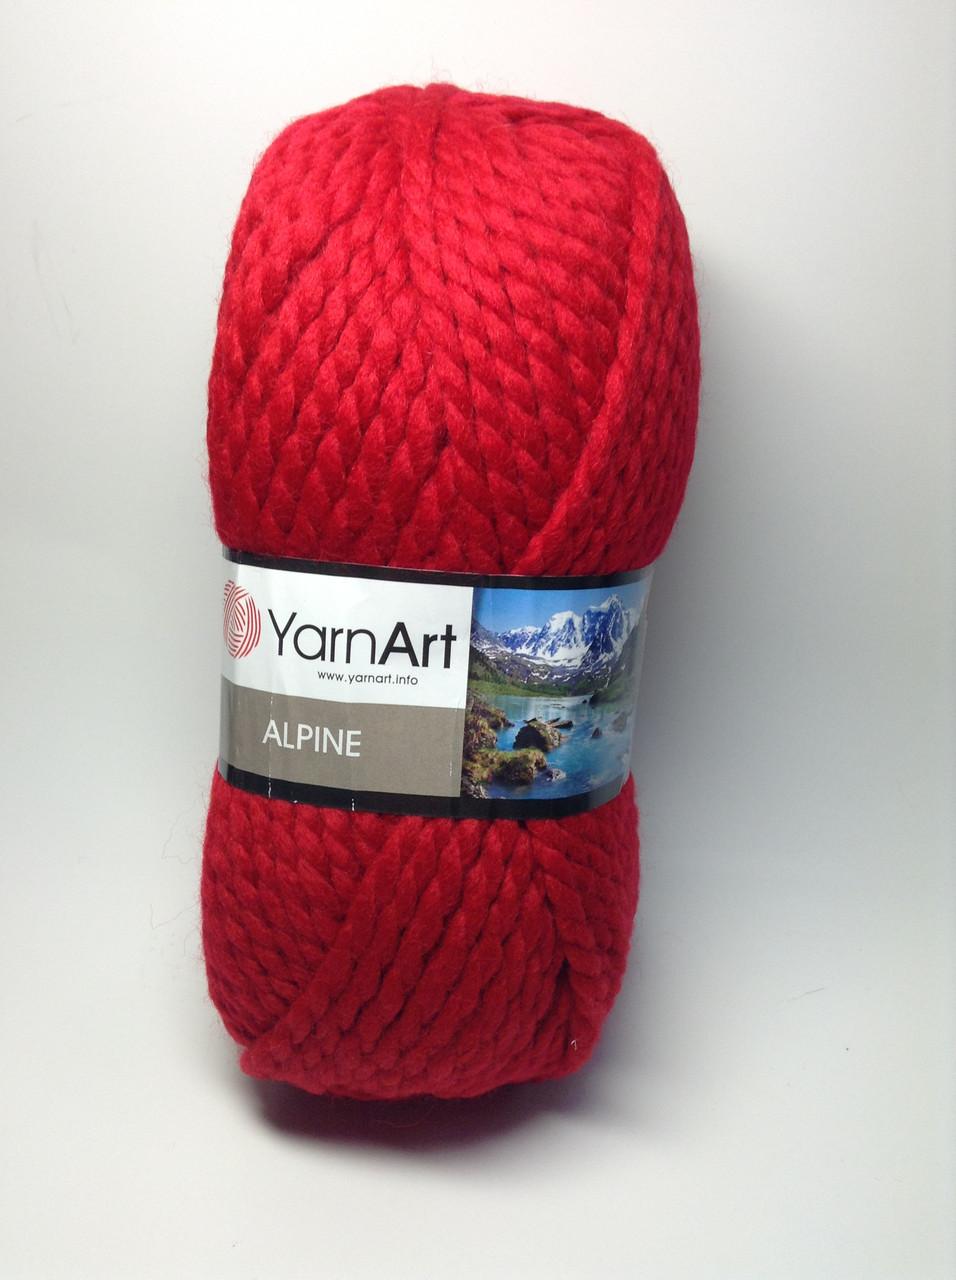 Пряжа alpine - колір червоний